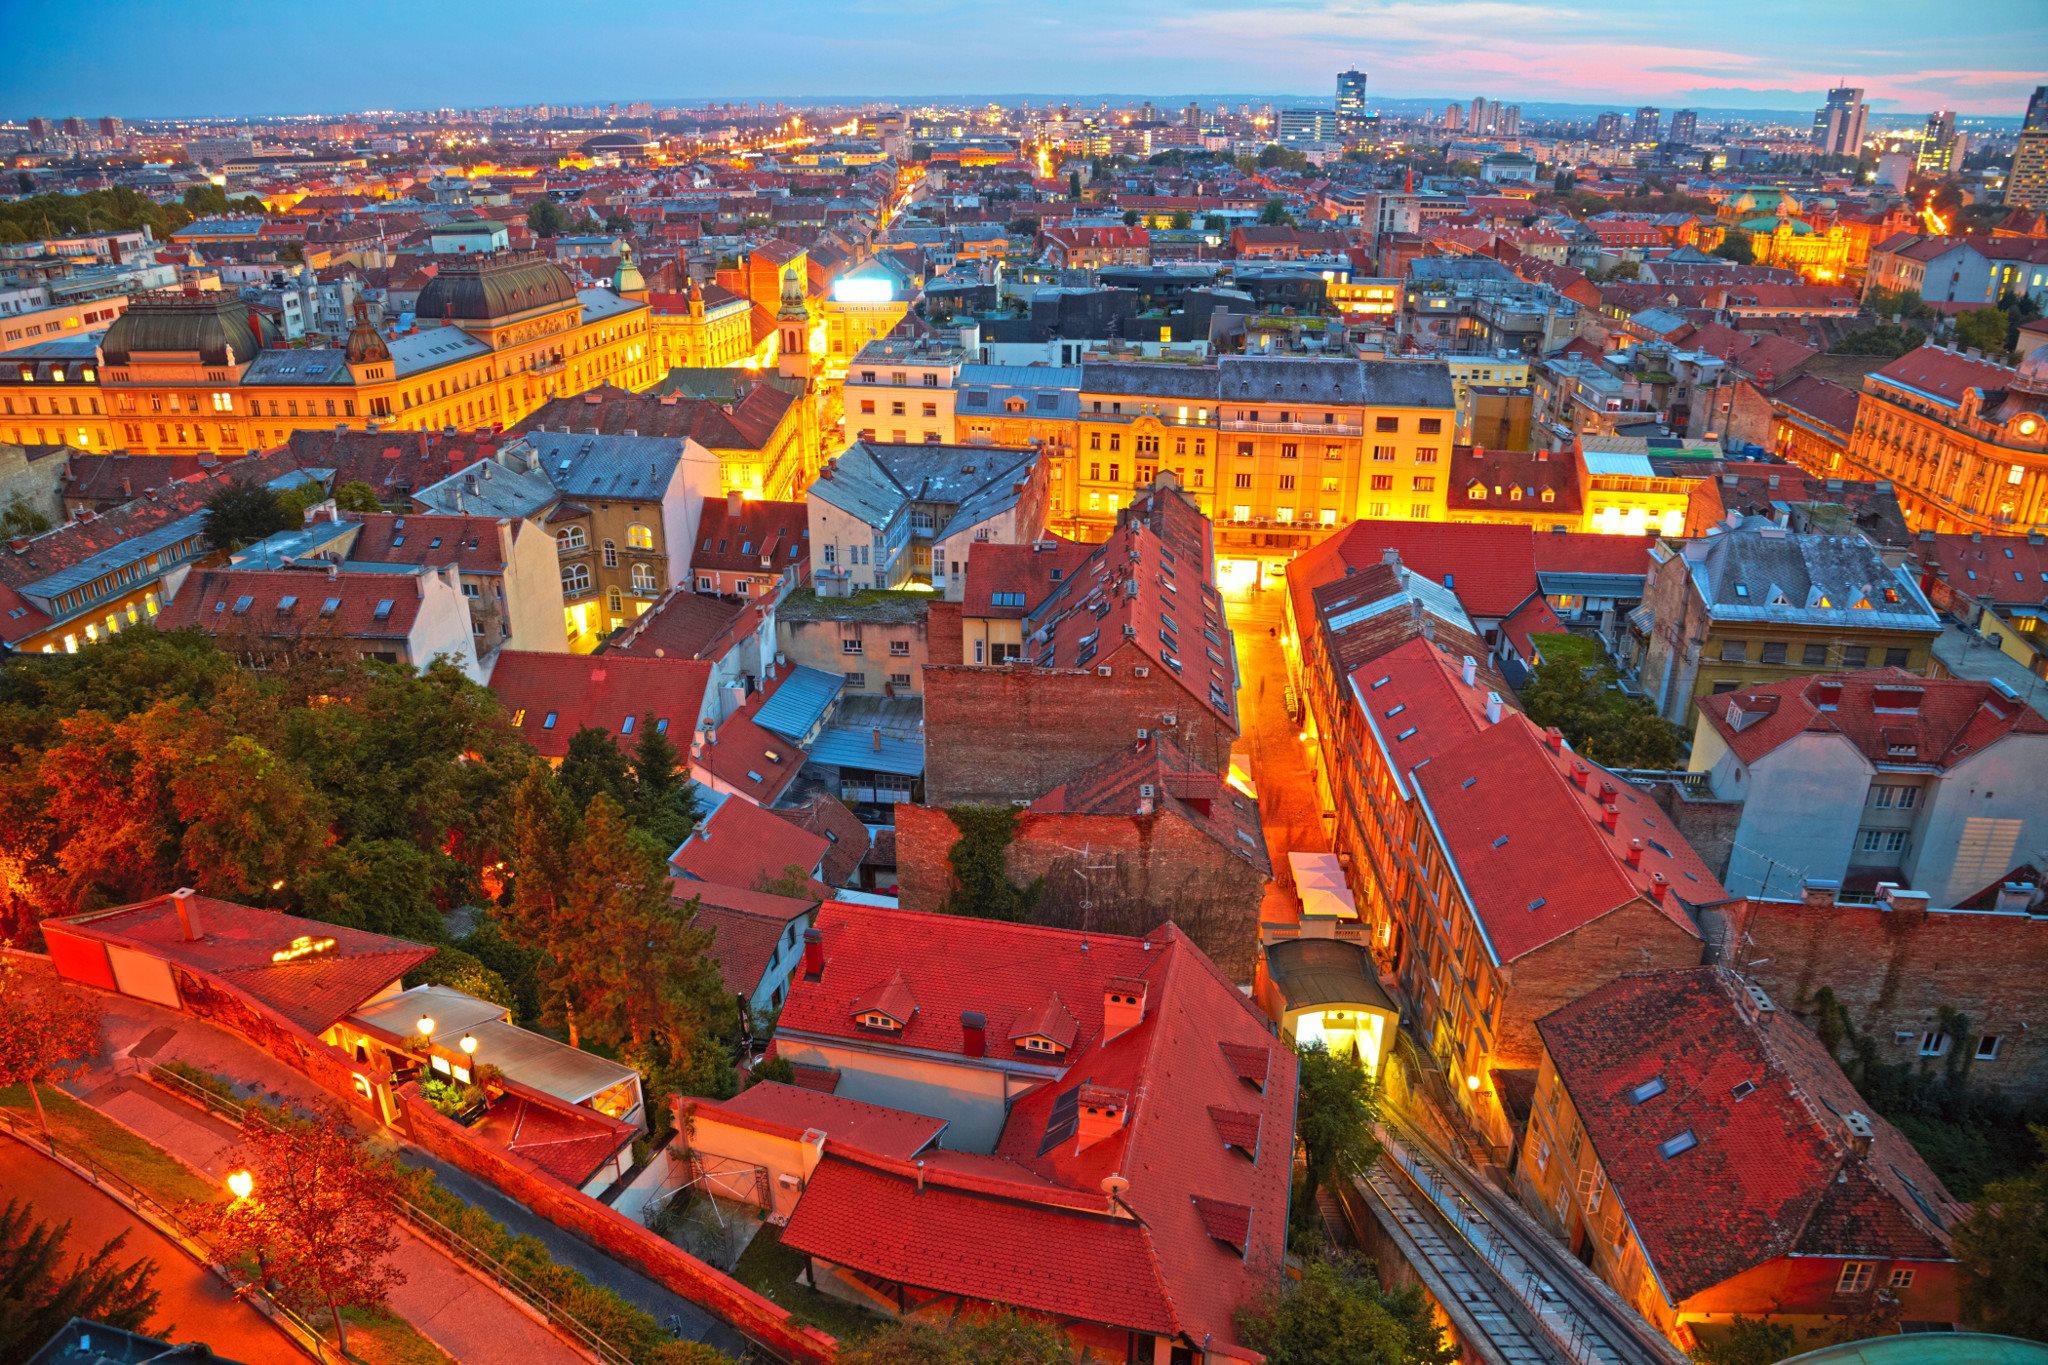 布莱德(Bled)萨格勒布(Zagreb)-巴黎(Paris)